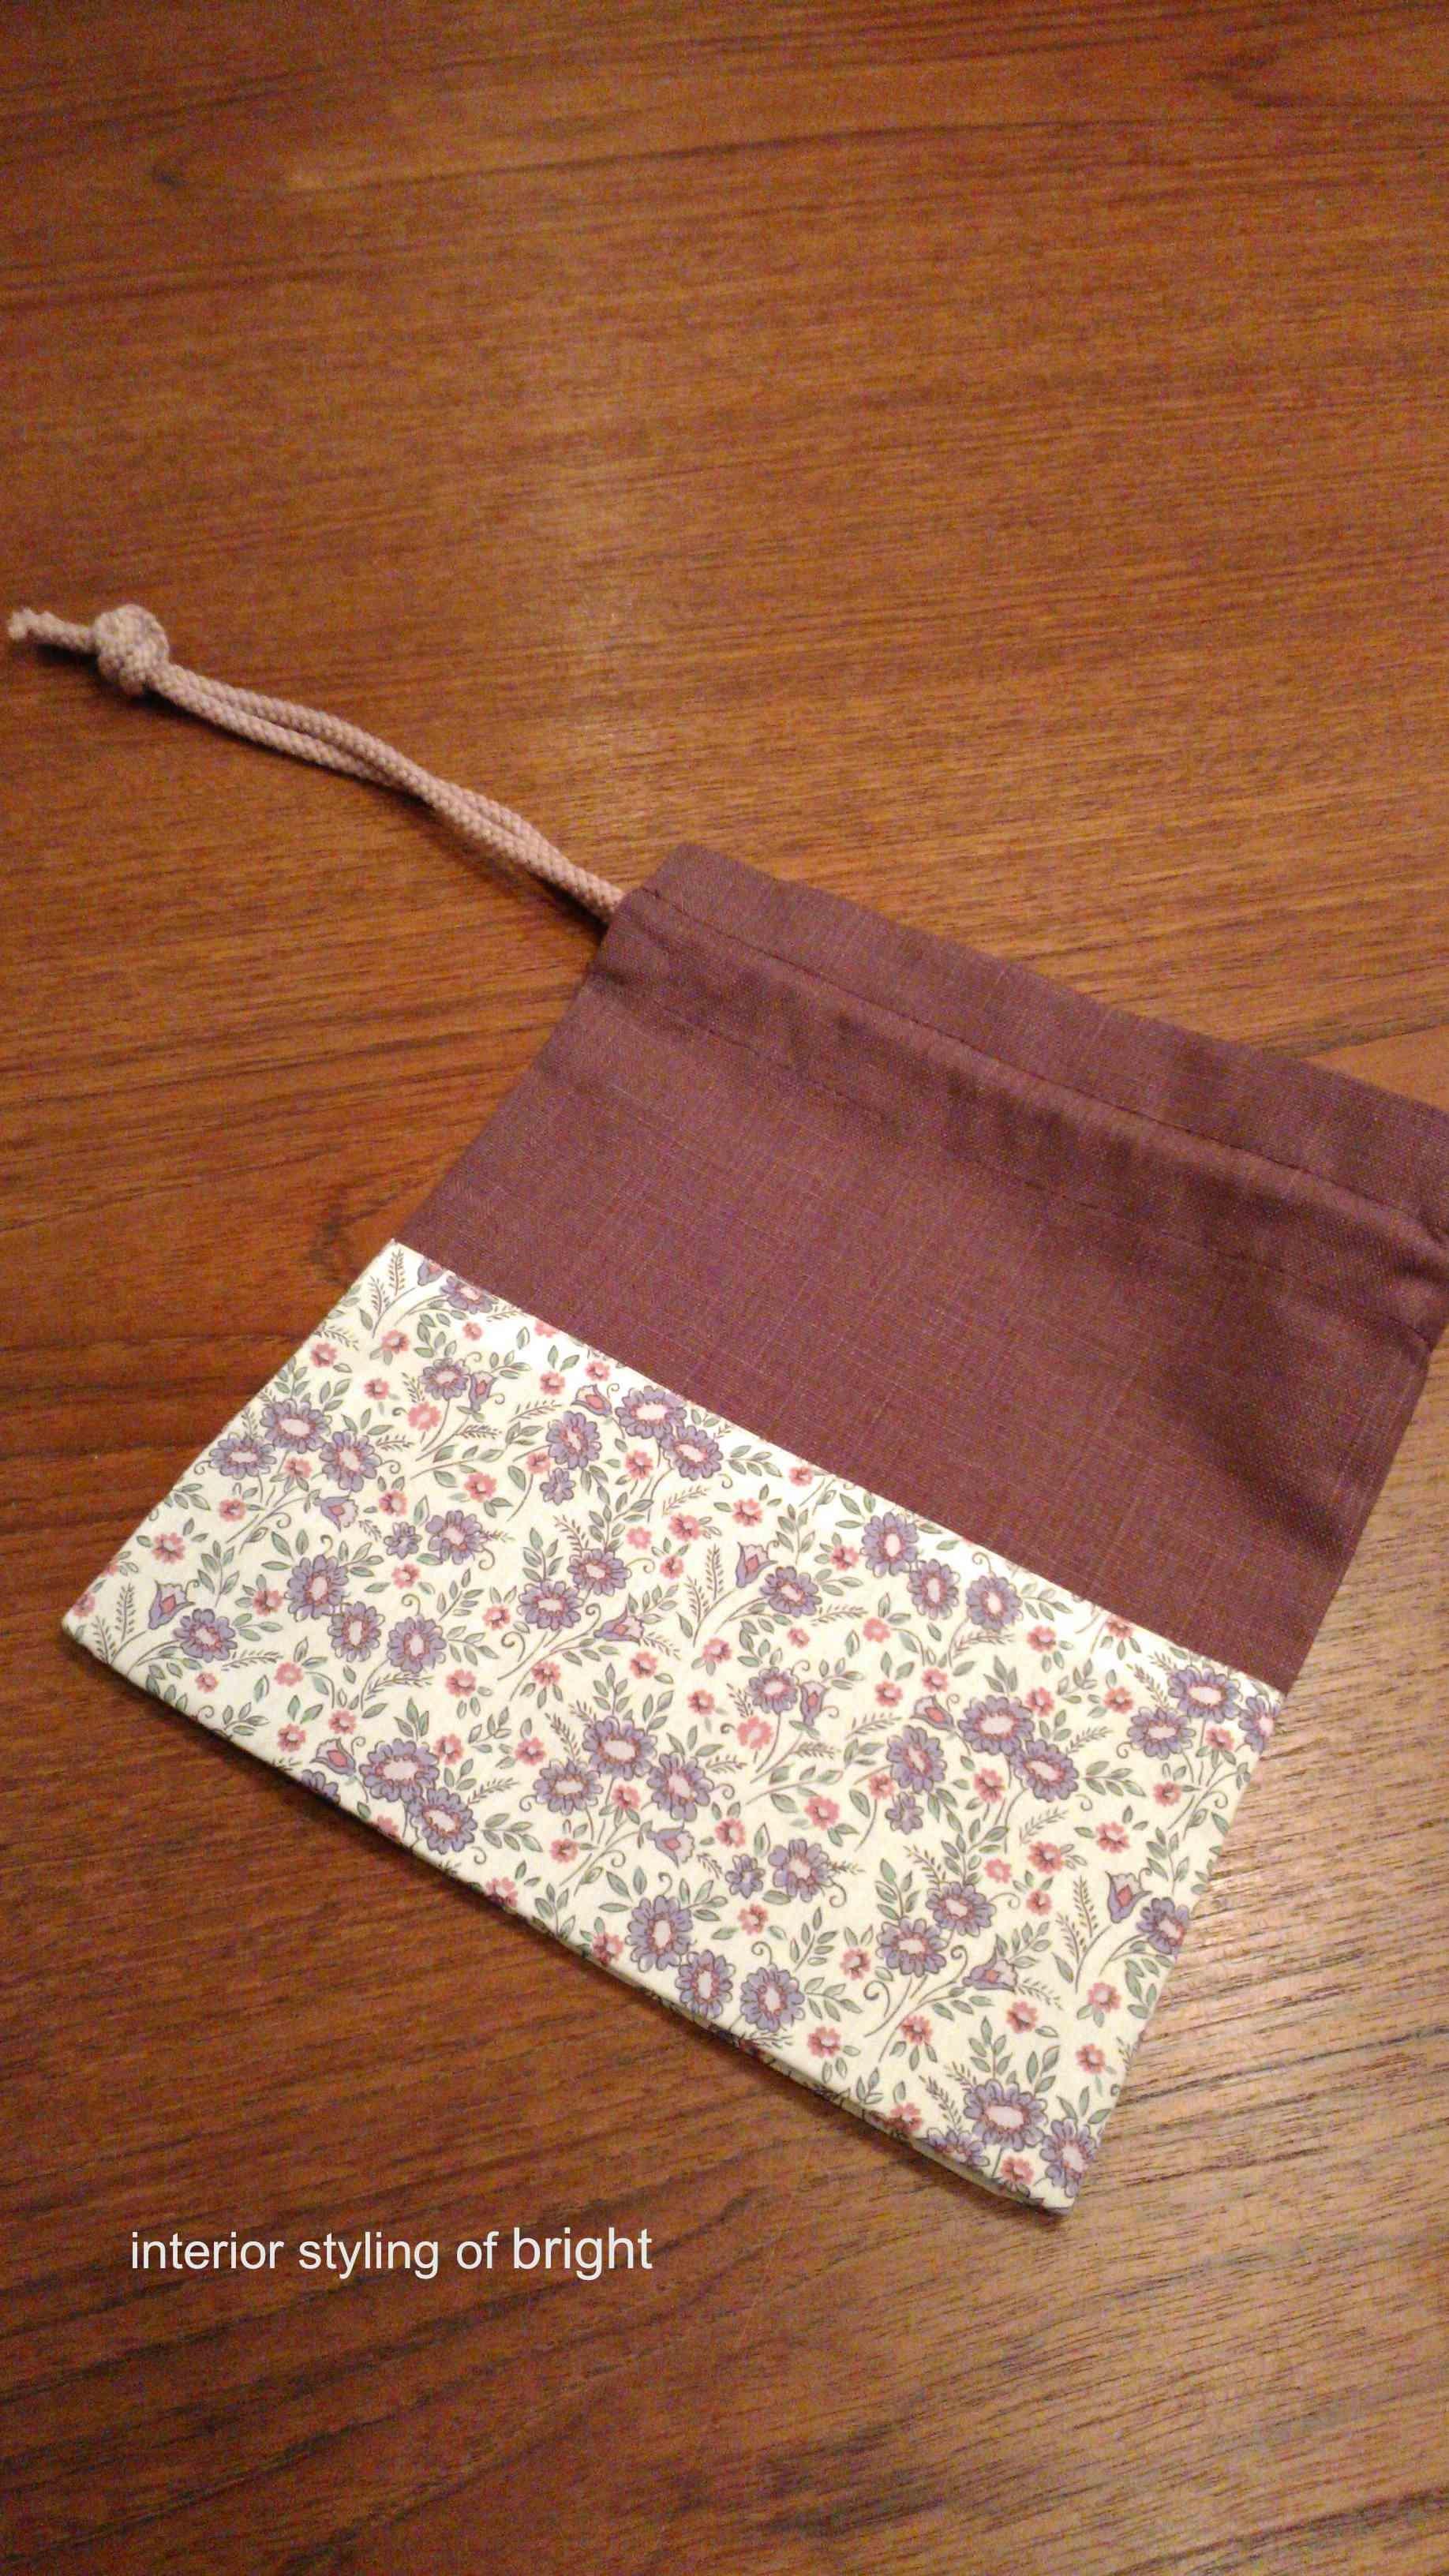 巾着の製作 ウィリアムモリス正規販売店のブライト_c0157866_17323930.jpg